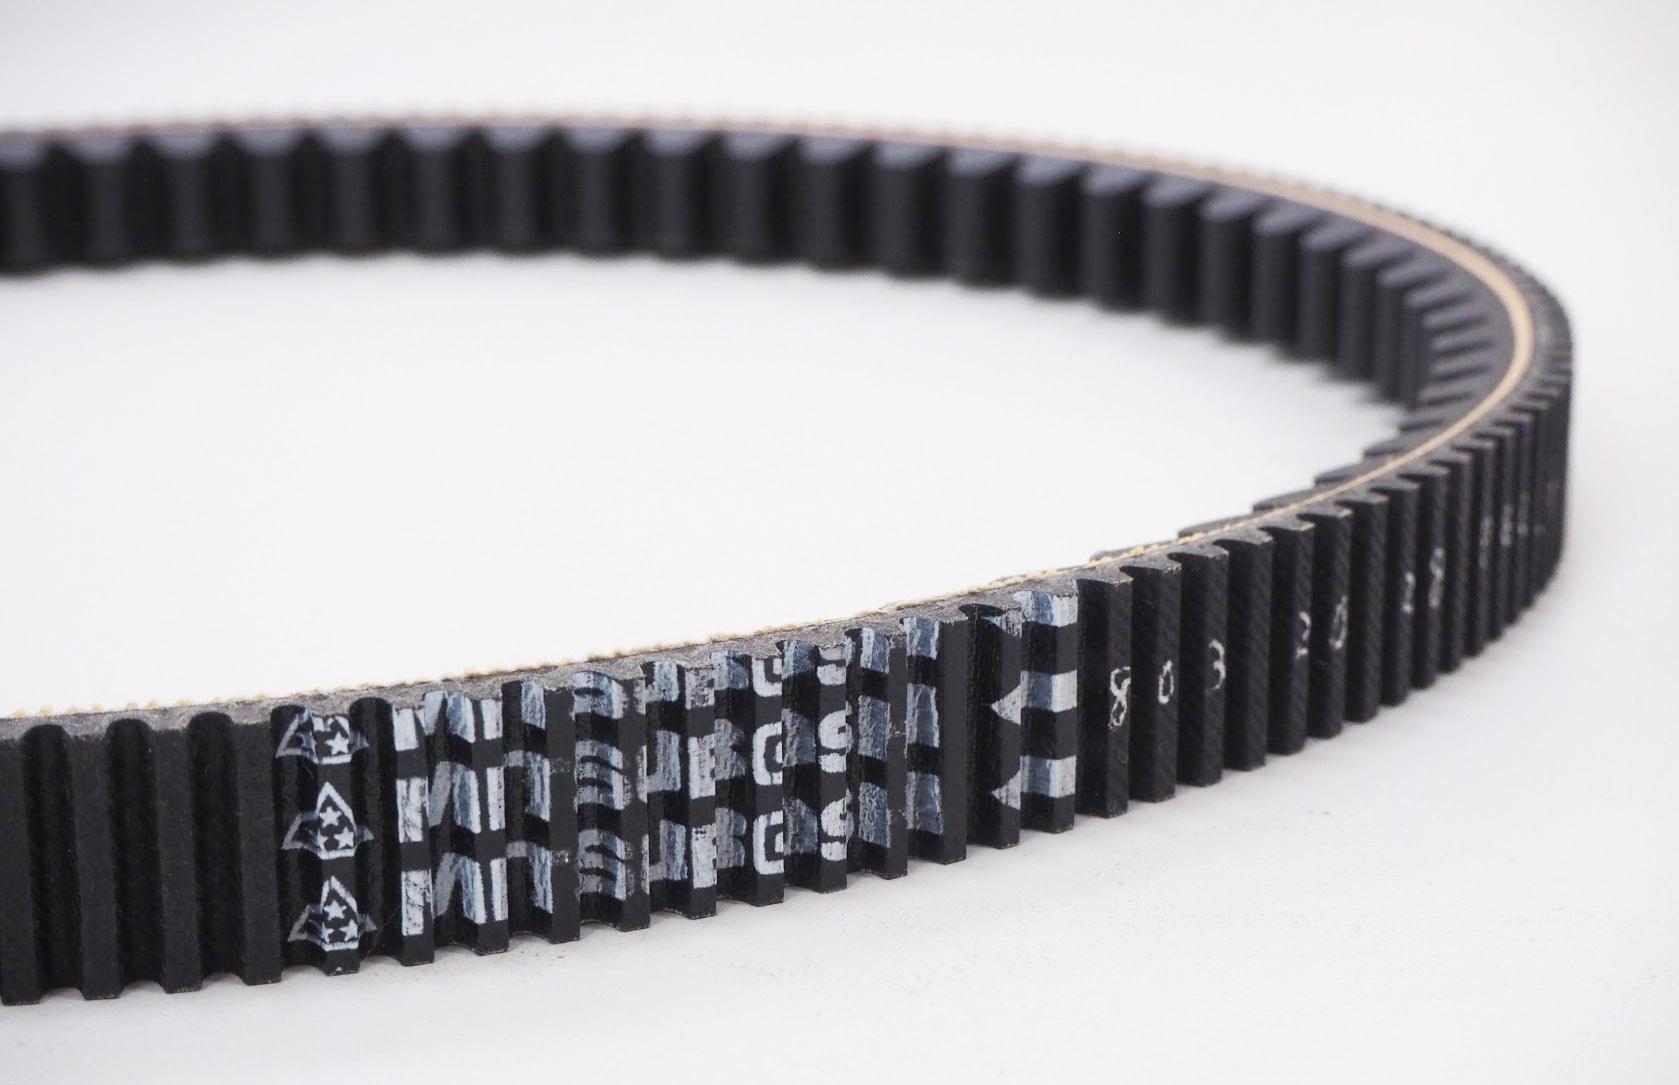 雙面齒型皮帶 (Double Cog Varible Speed V-belt , DCVS) 採用Kevlar杜邦防彈背心材質 (國內同級車唯一)